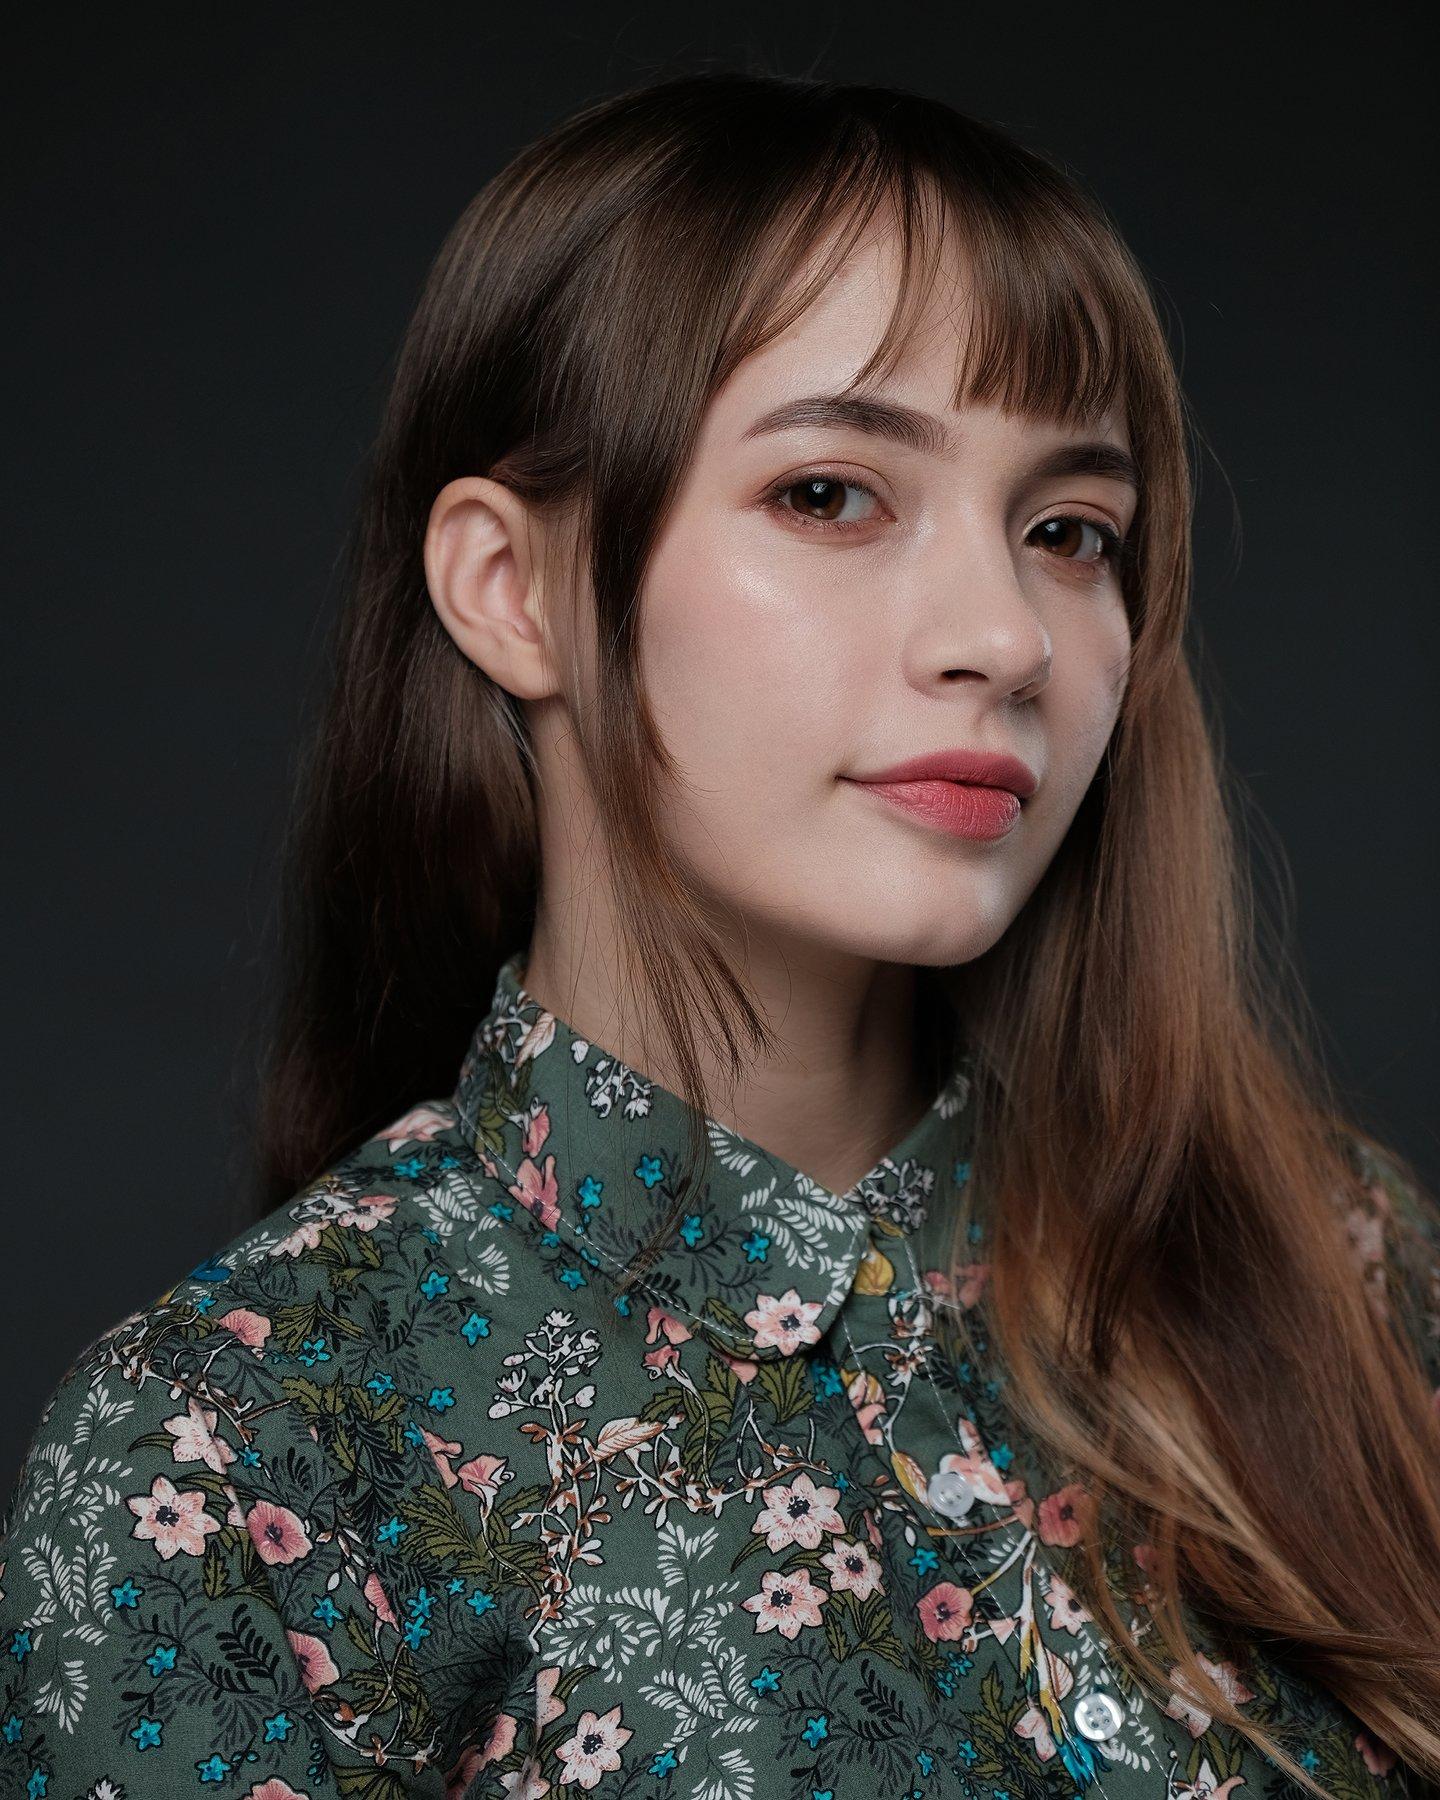 портрет домашняя студия свет вспышка отражатель блузка девушка лицо волосы, alexey_poley